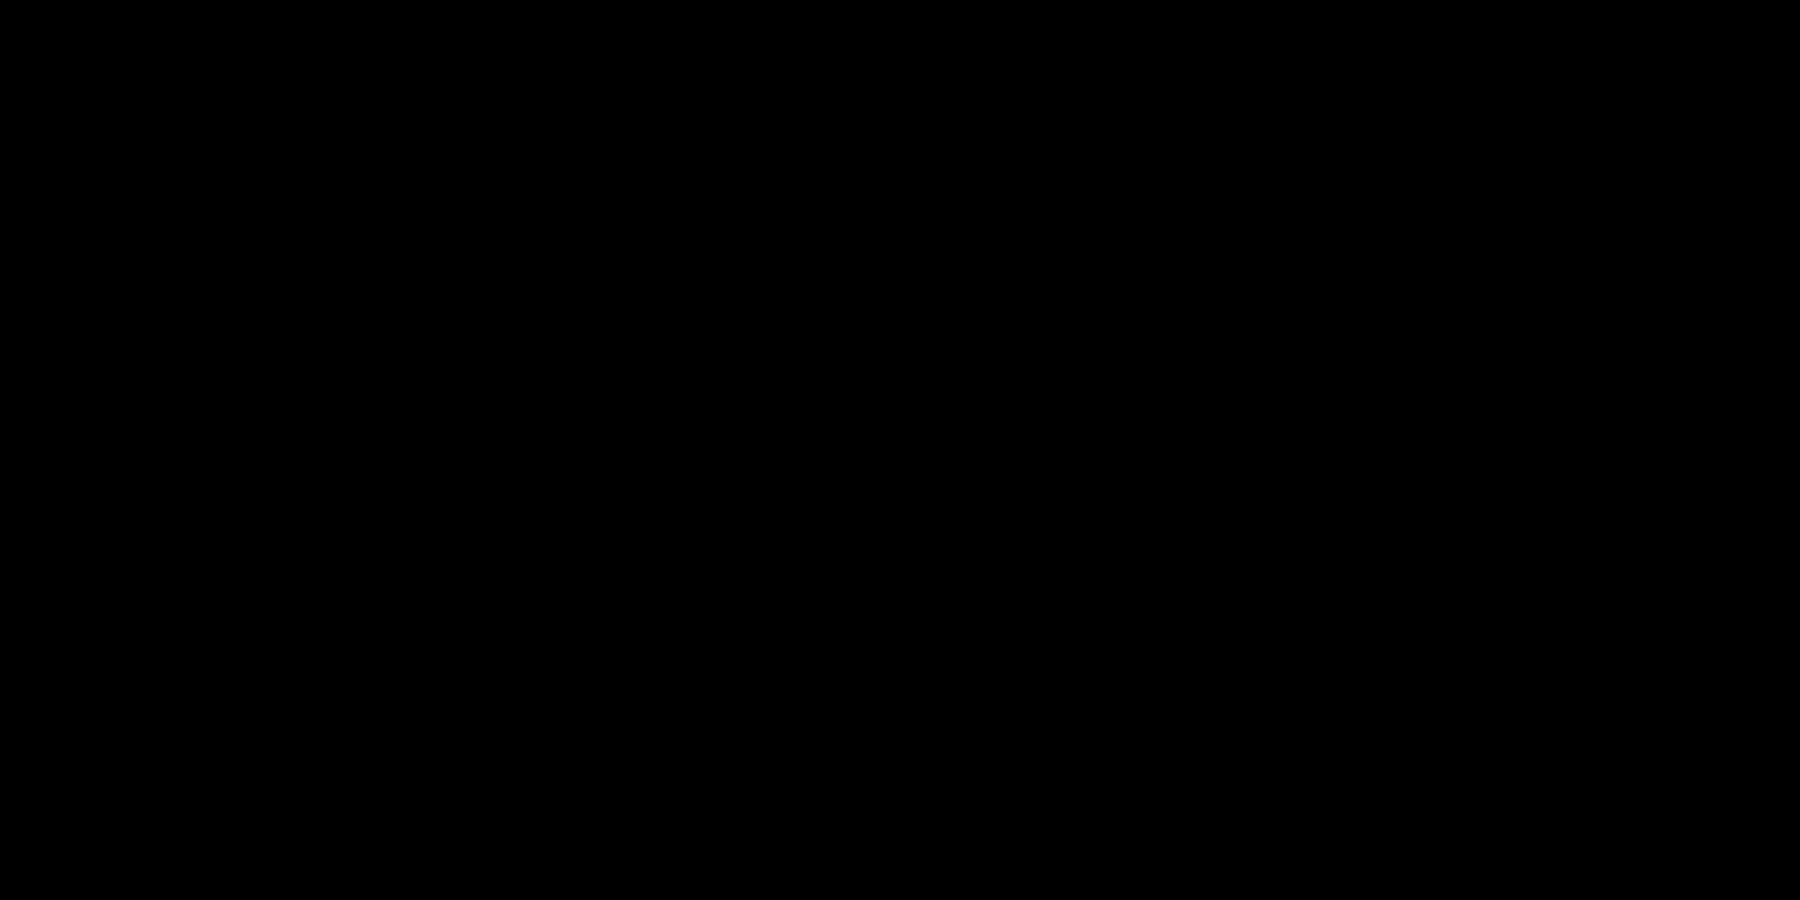 タップ音 (スマホ) タッの未再生の波形